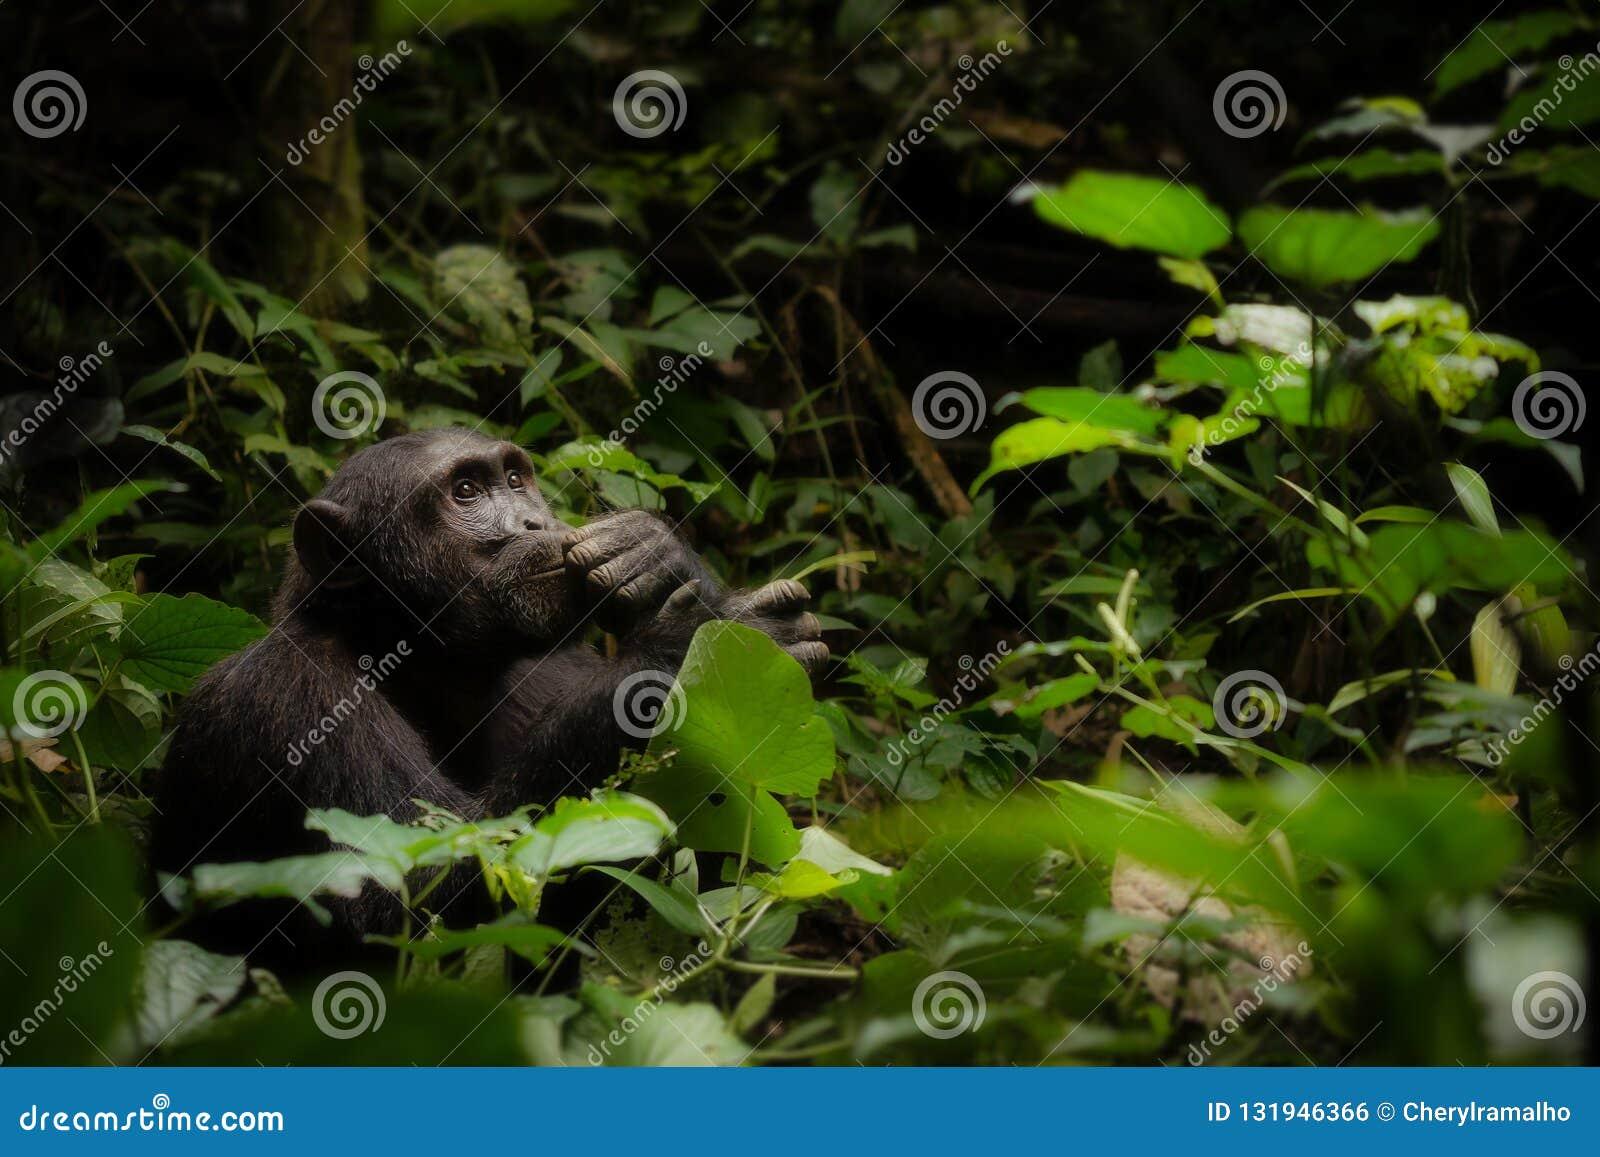 A Contemplative Chimpanzee in Uganda